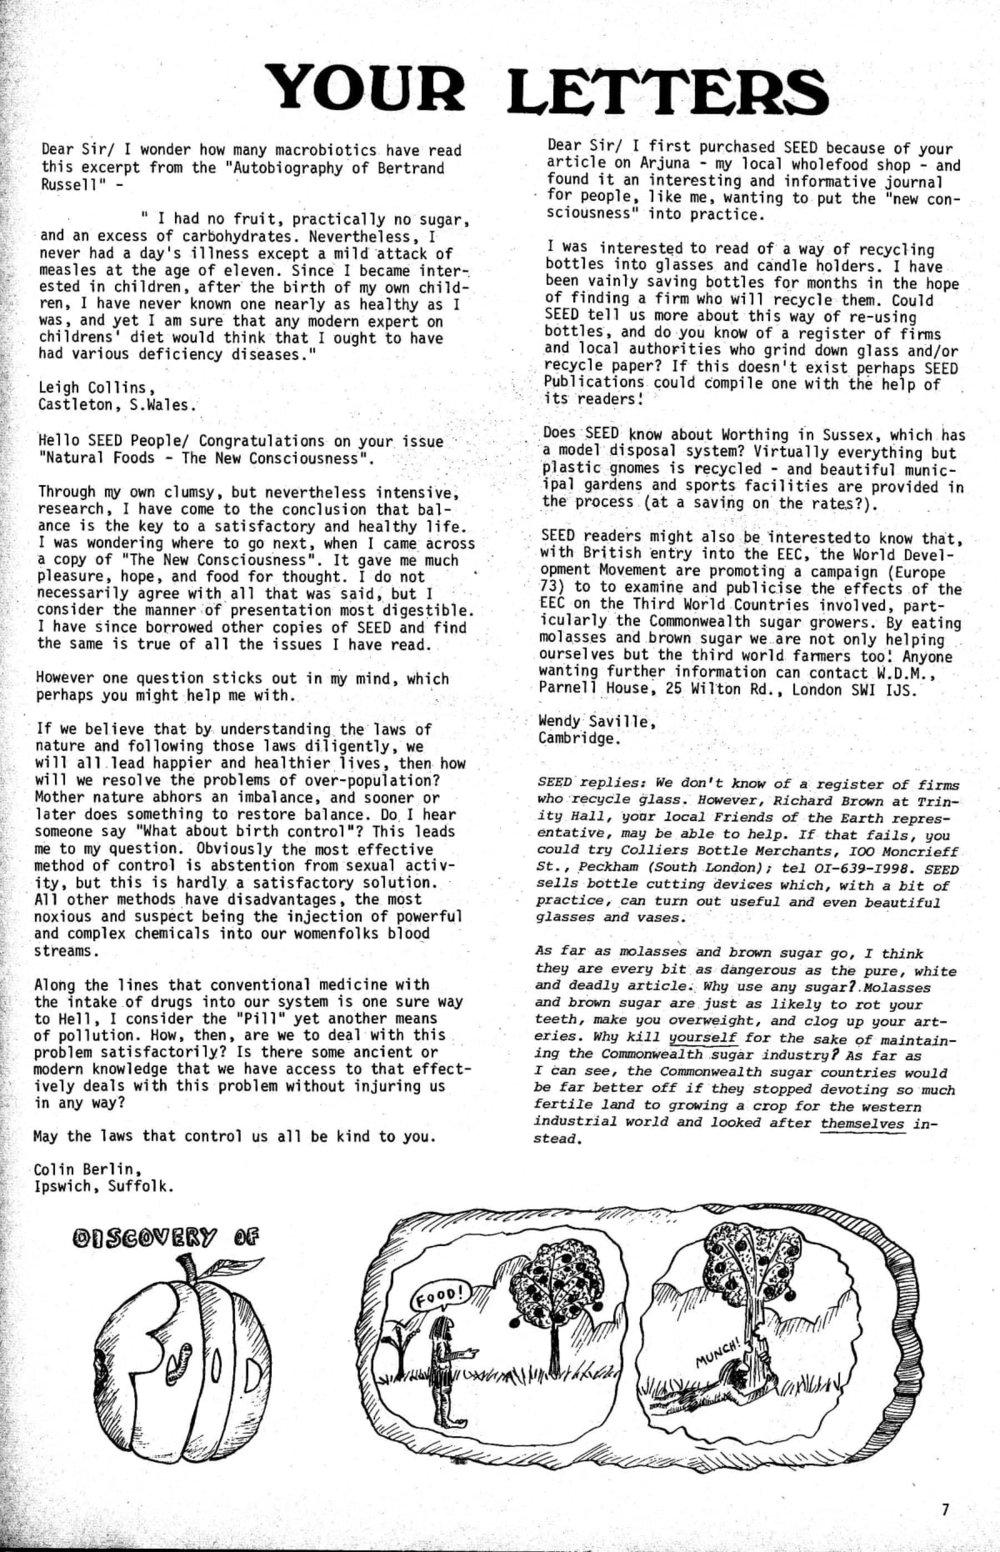 seed-v2-n7-july1973-07.jpg